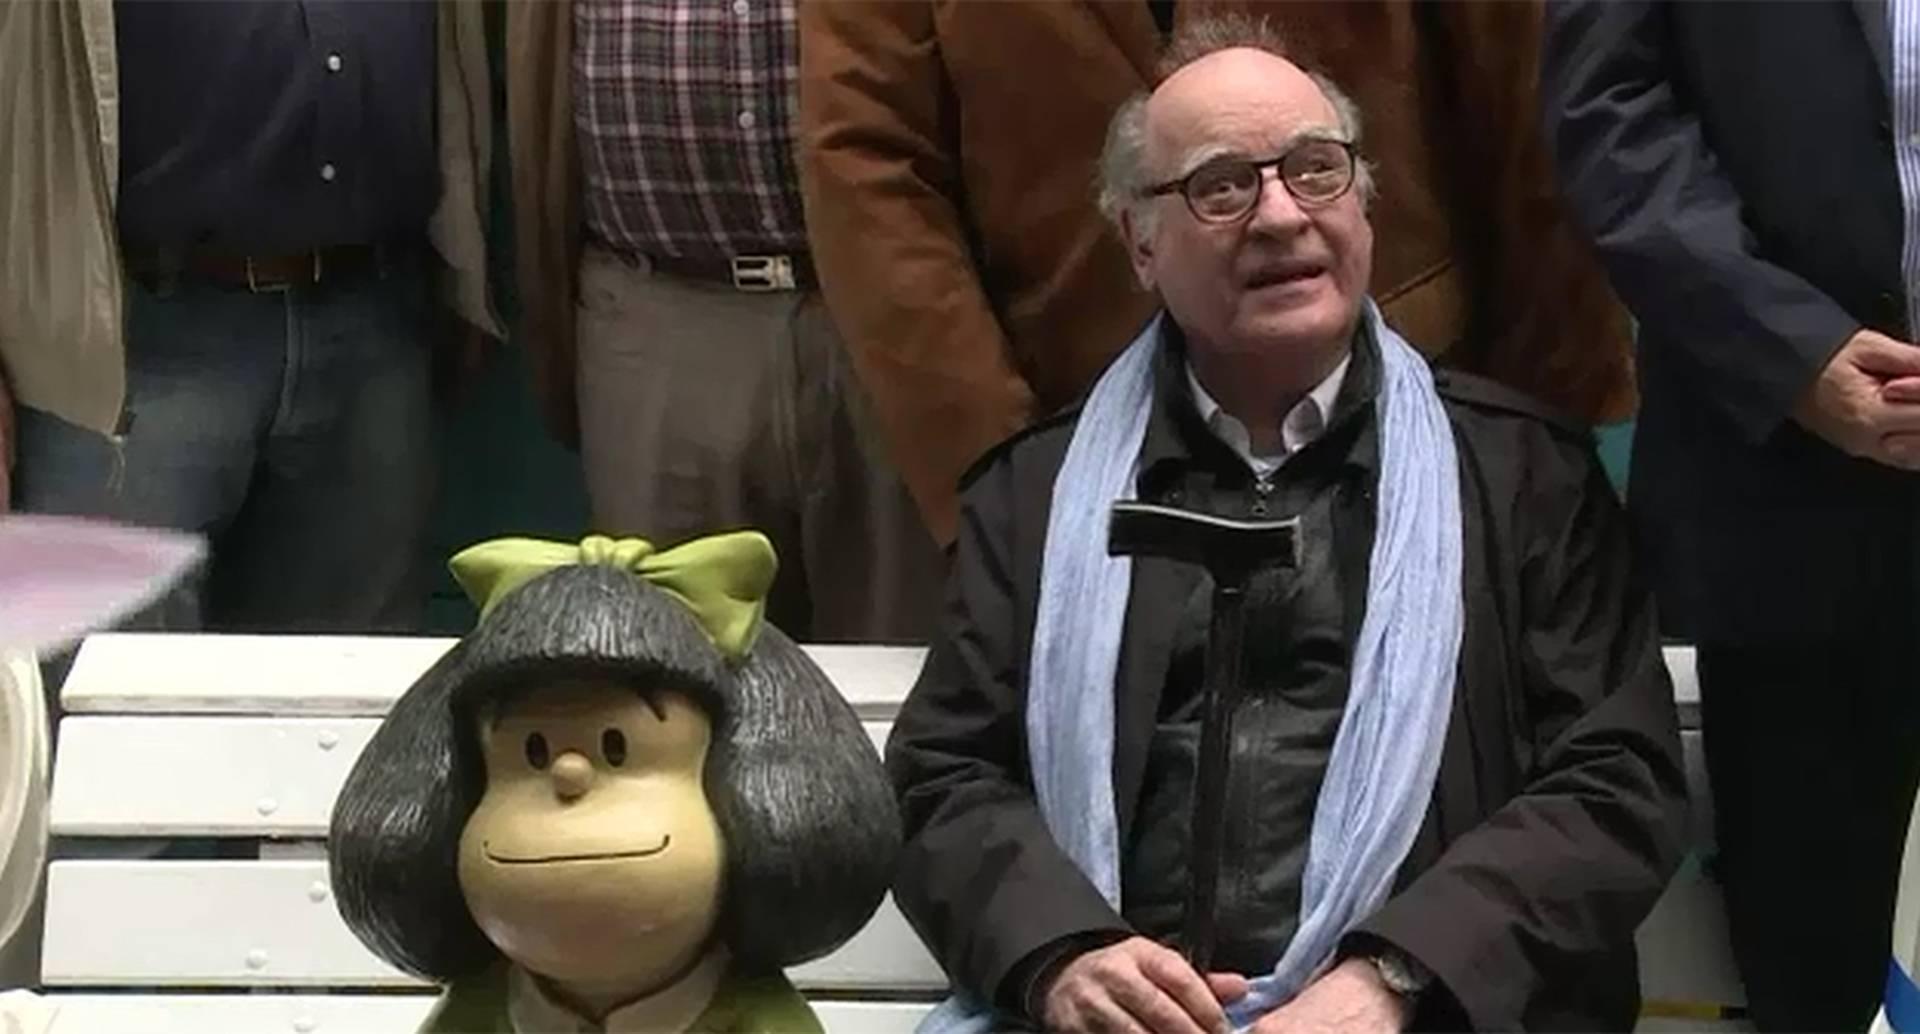 Con un pastel, música y la compañía de vecinos, Quino, el creador de Mafalda, celebró el 50º aniversario de su mítico personaje en una plaza de San Telmo.